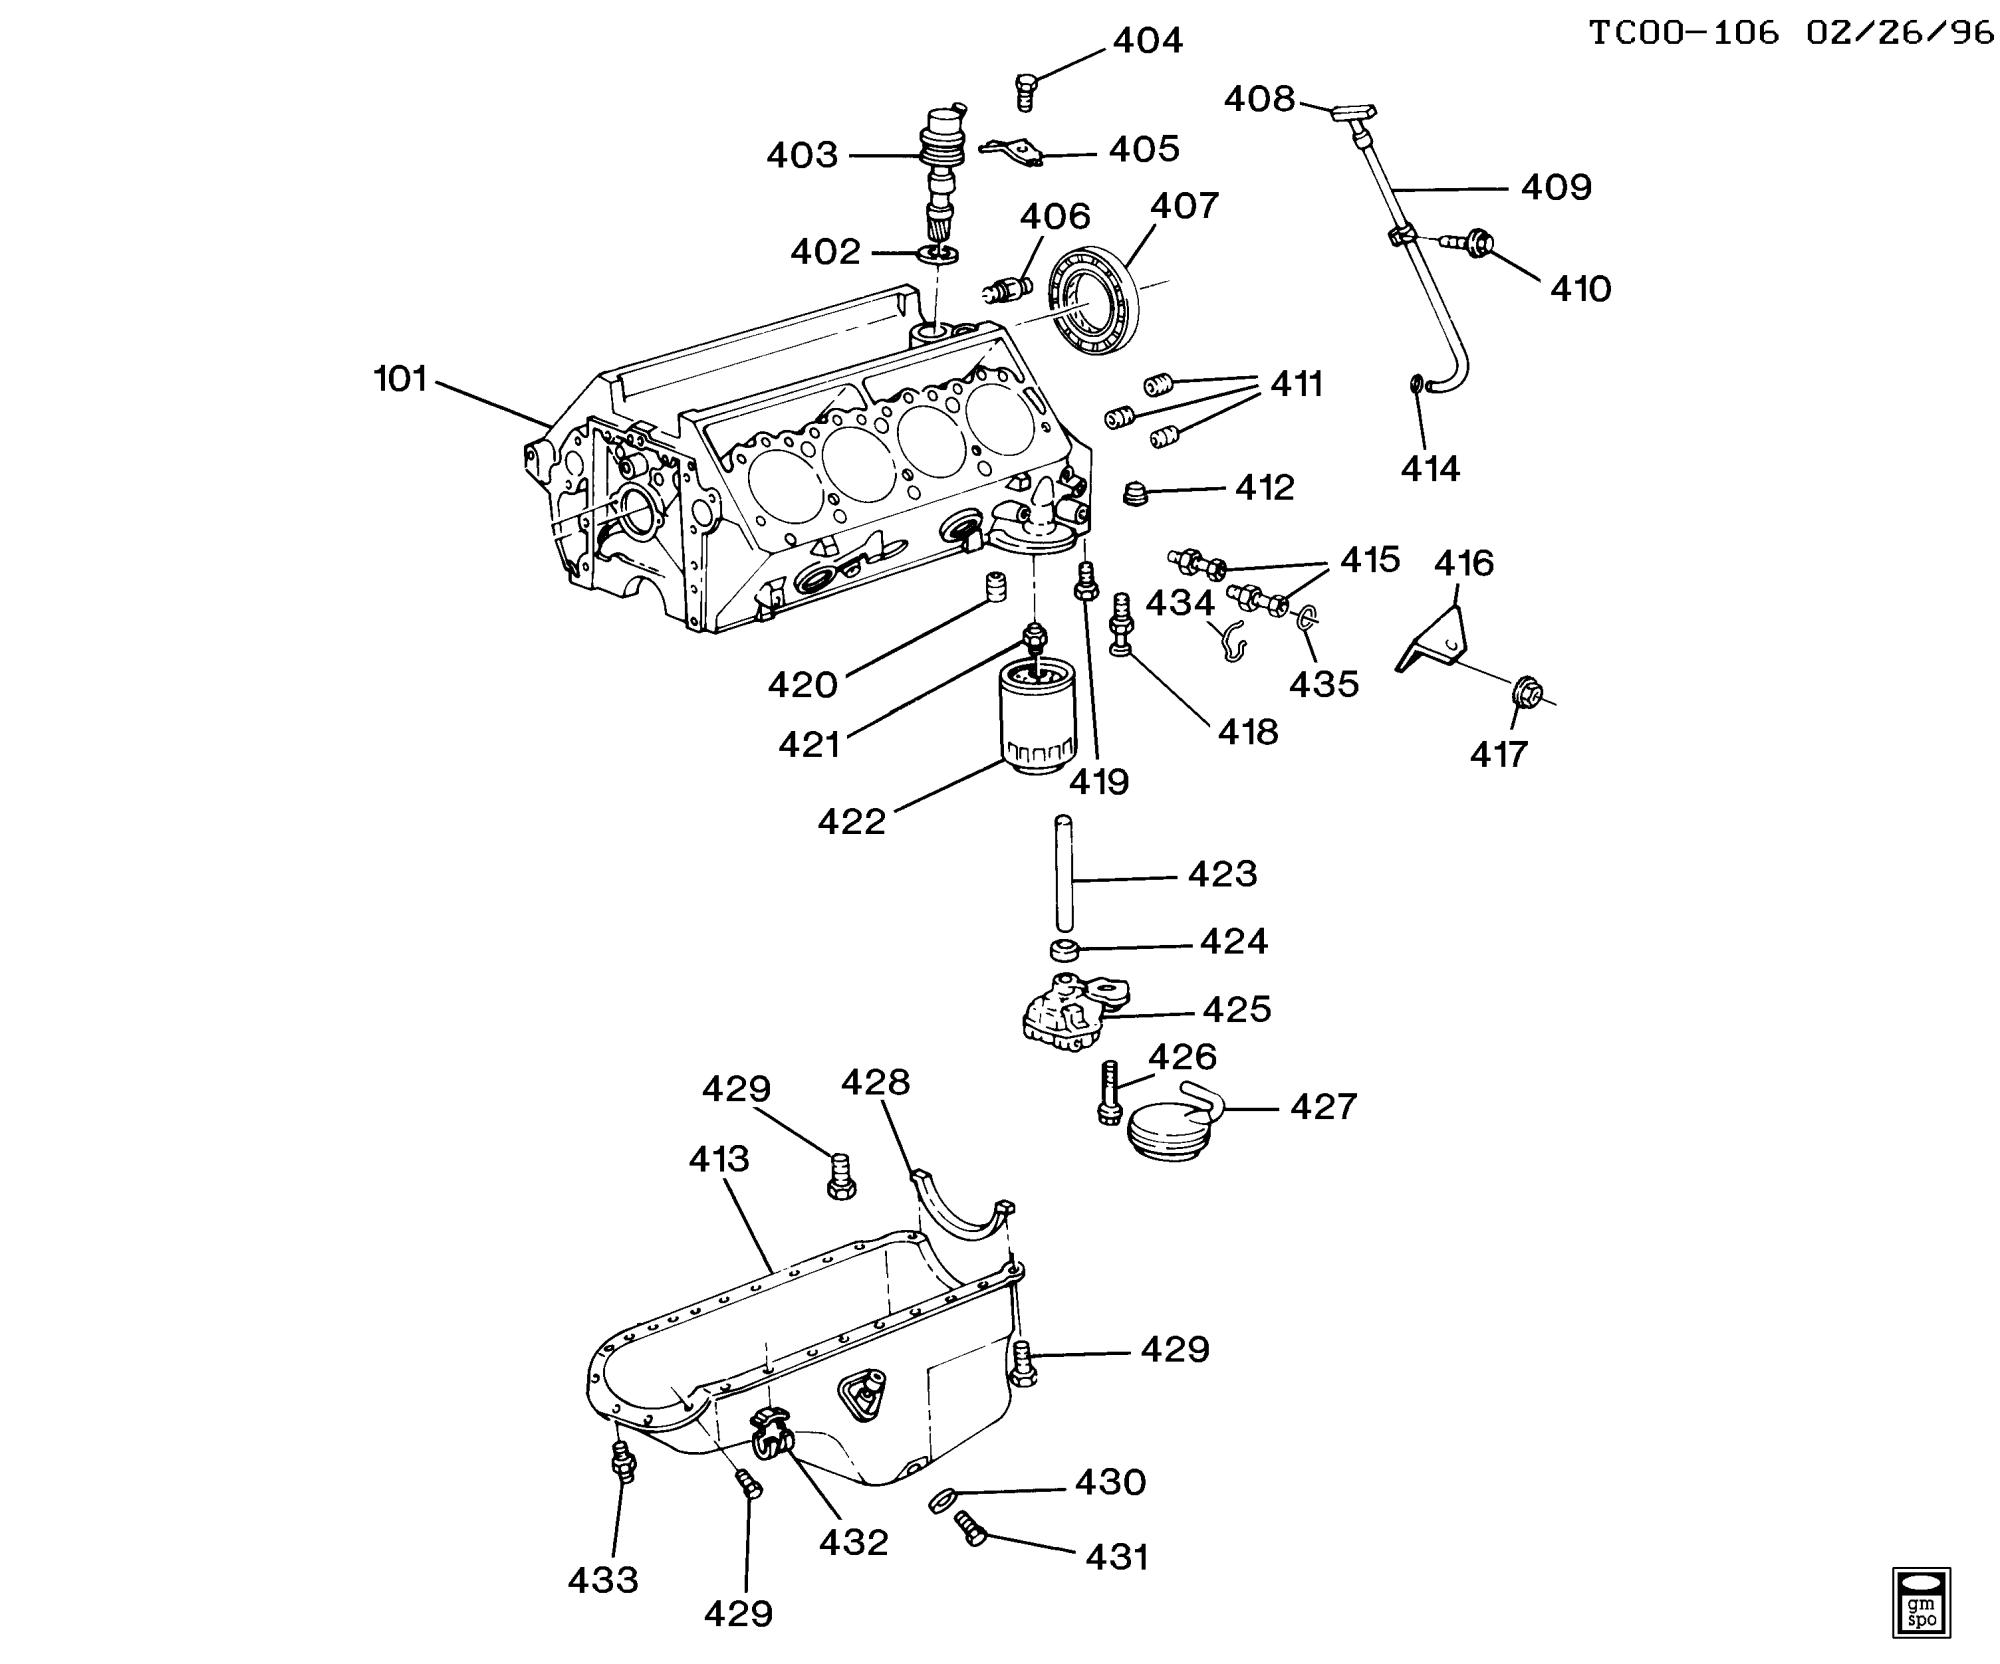 hight resolution of blazer 4wd engine asm 6 5l v8 diesel part 4 oil pump pan u0026 relatedchevy 6 5 diesel engine parts diagram 11